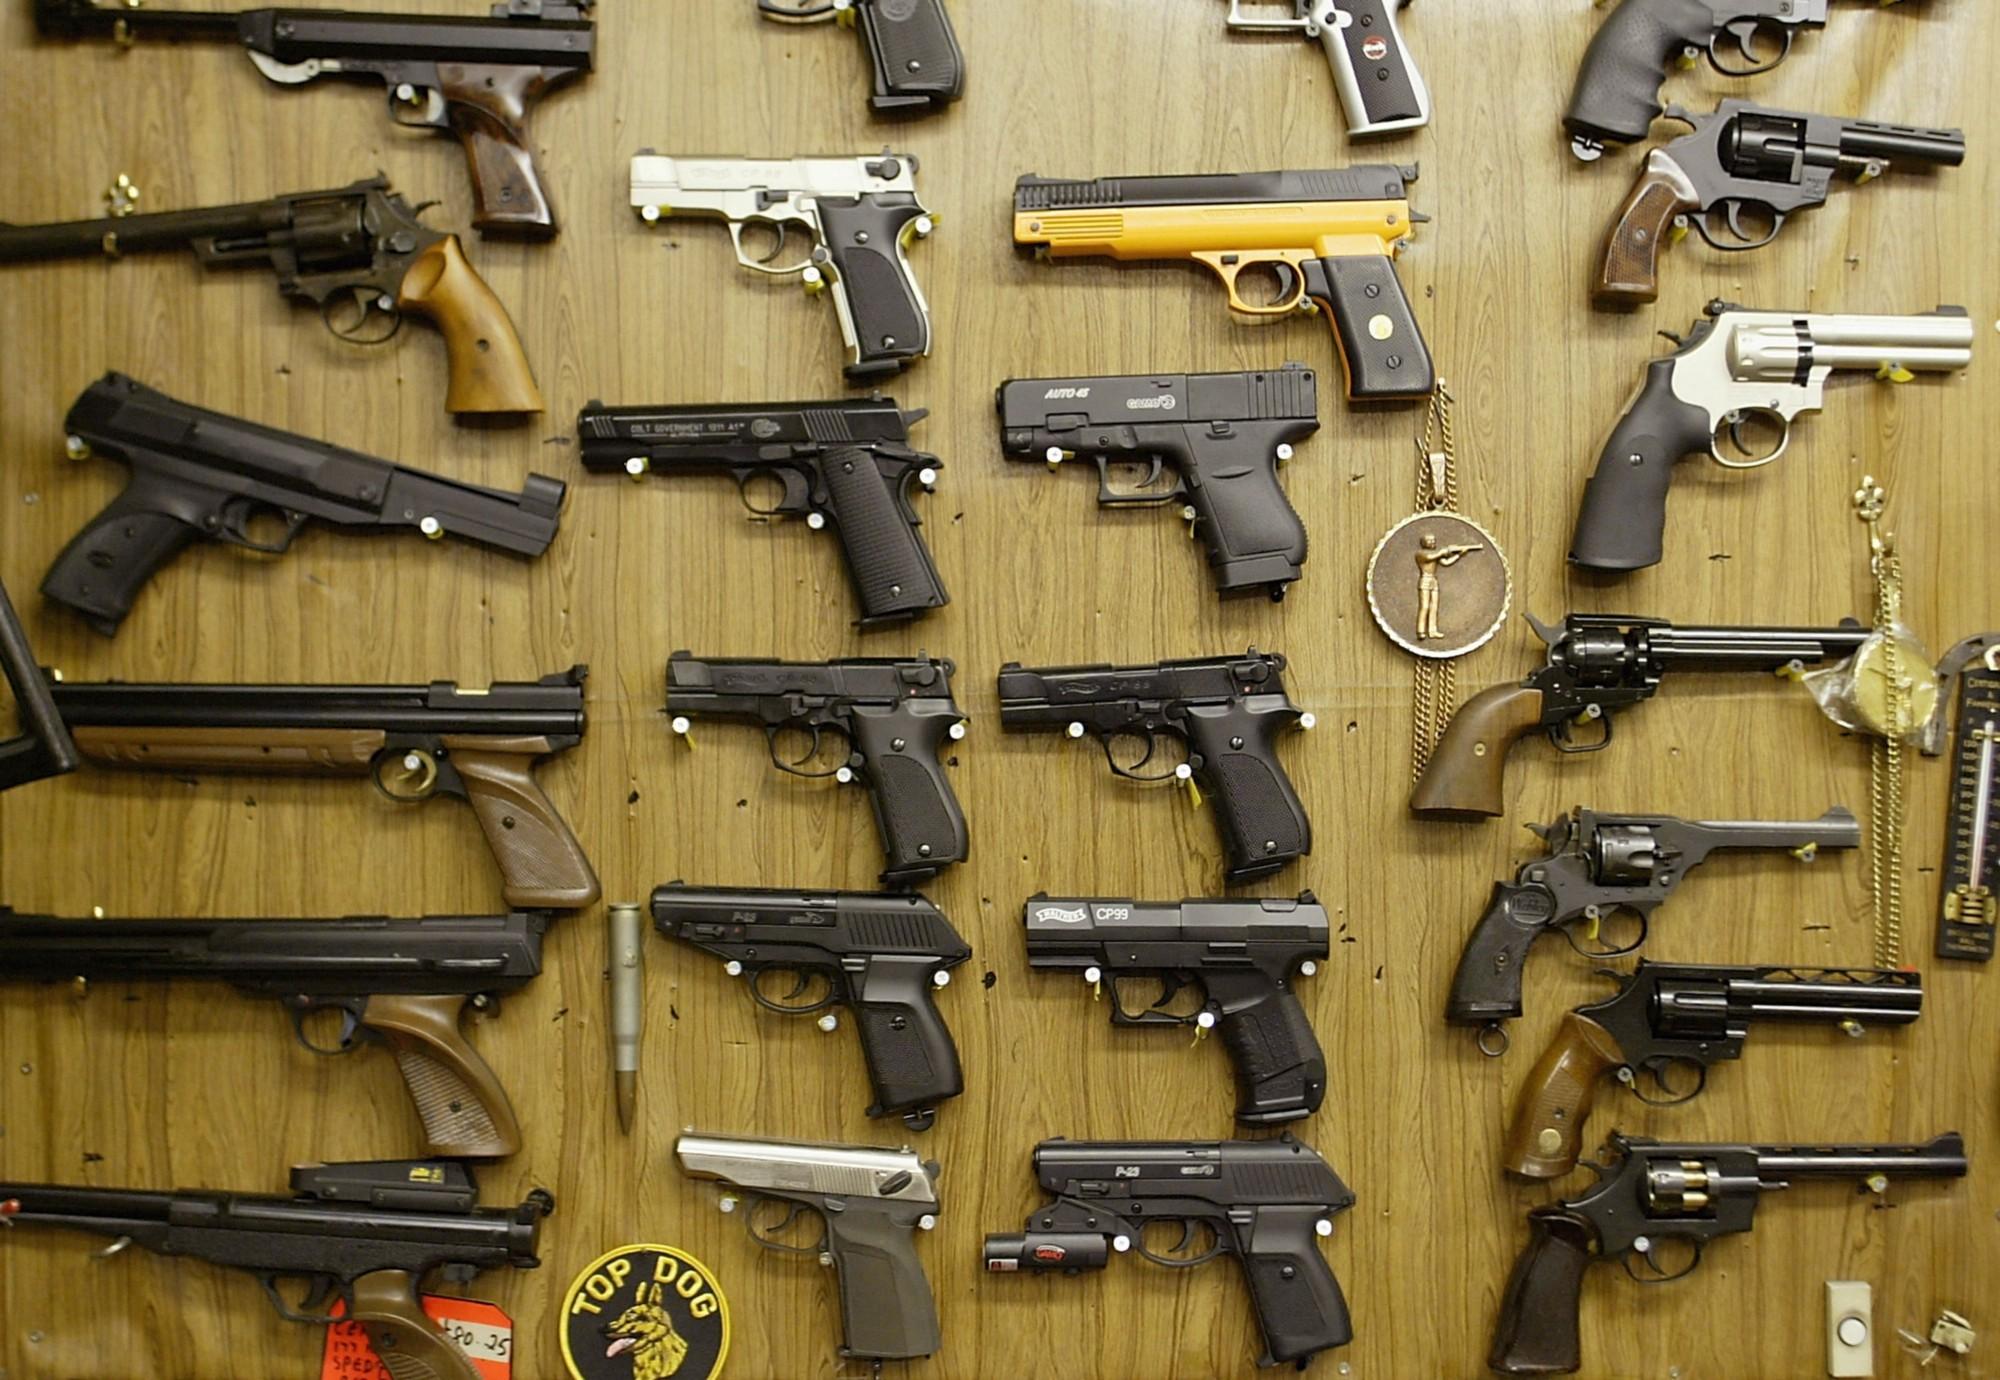 Venta de armas, armamento, trafico de armas, comercio de armas, armas de fuego, pistolas